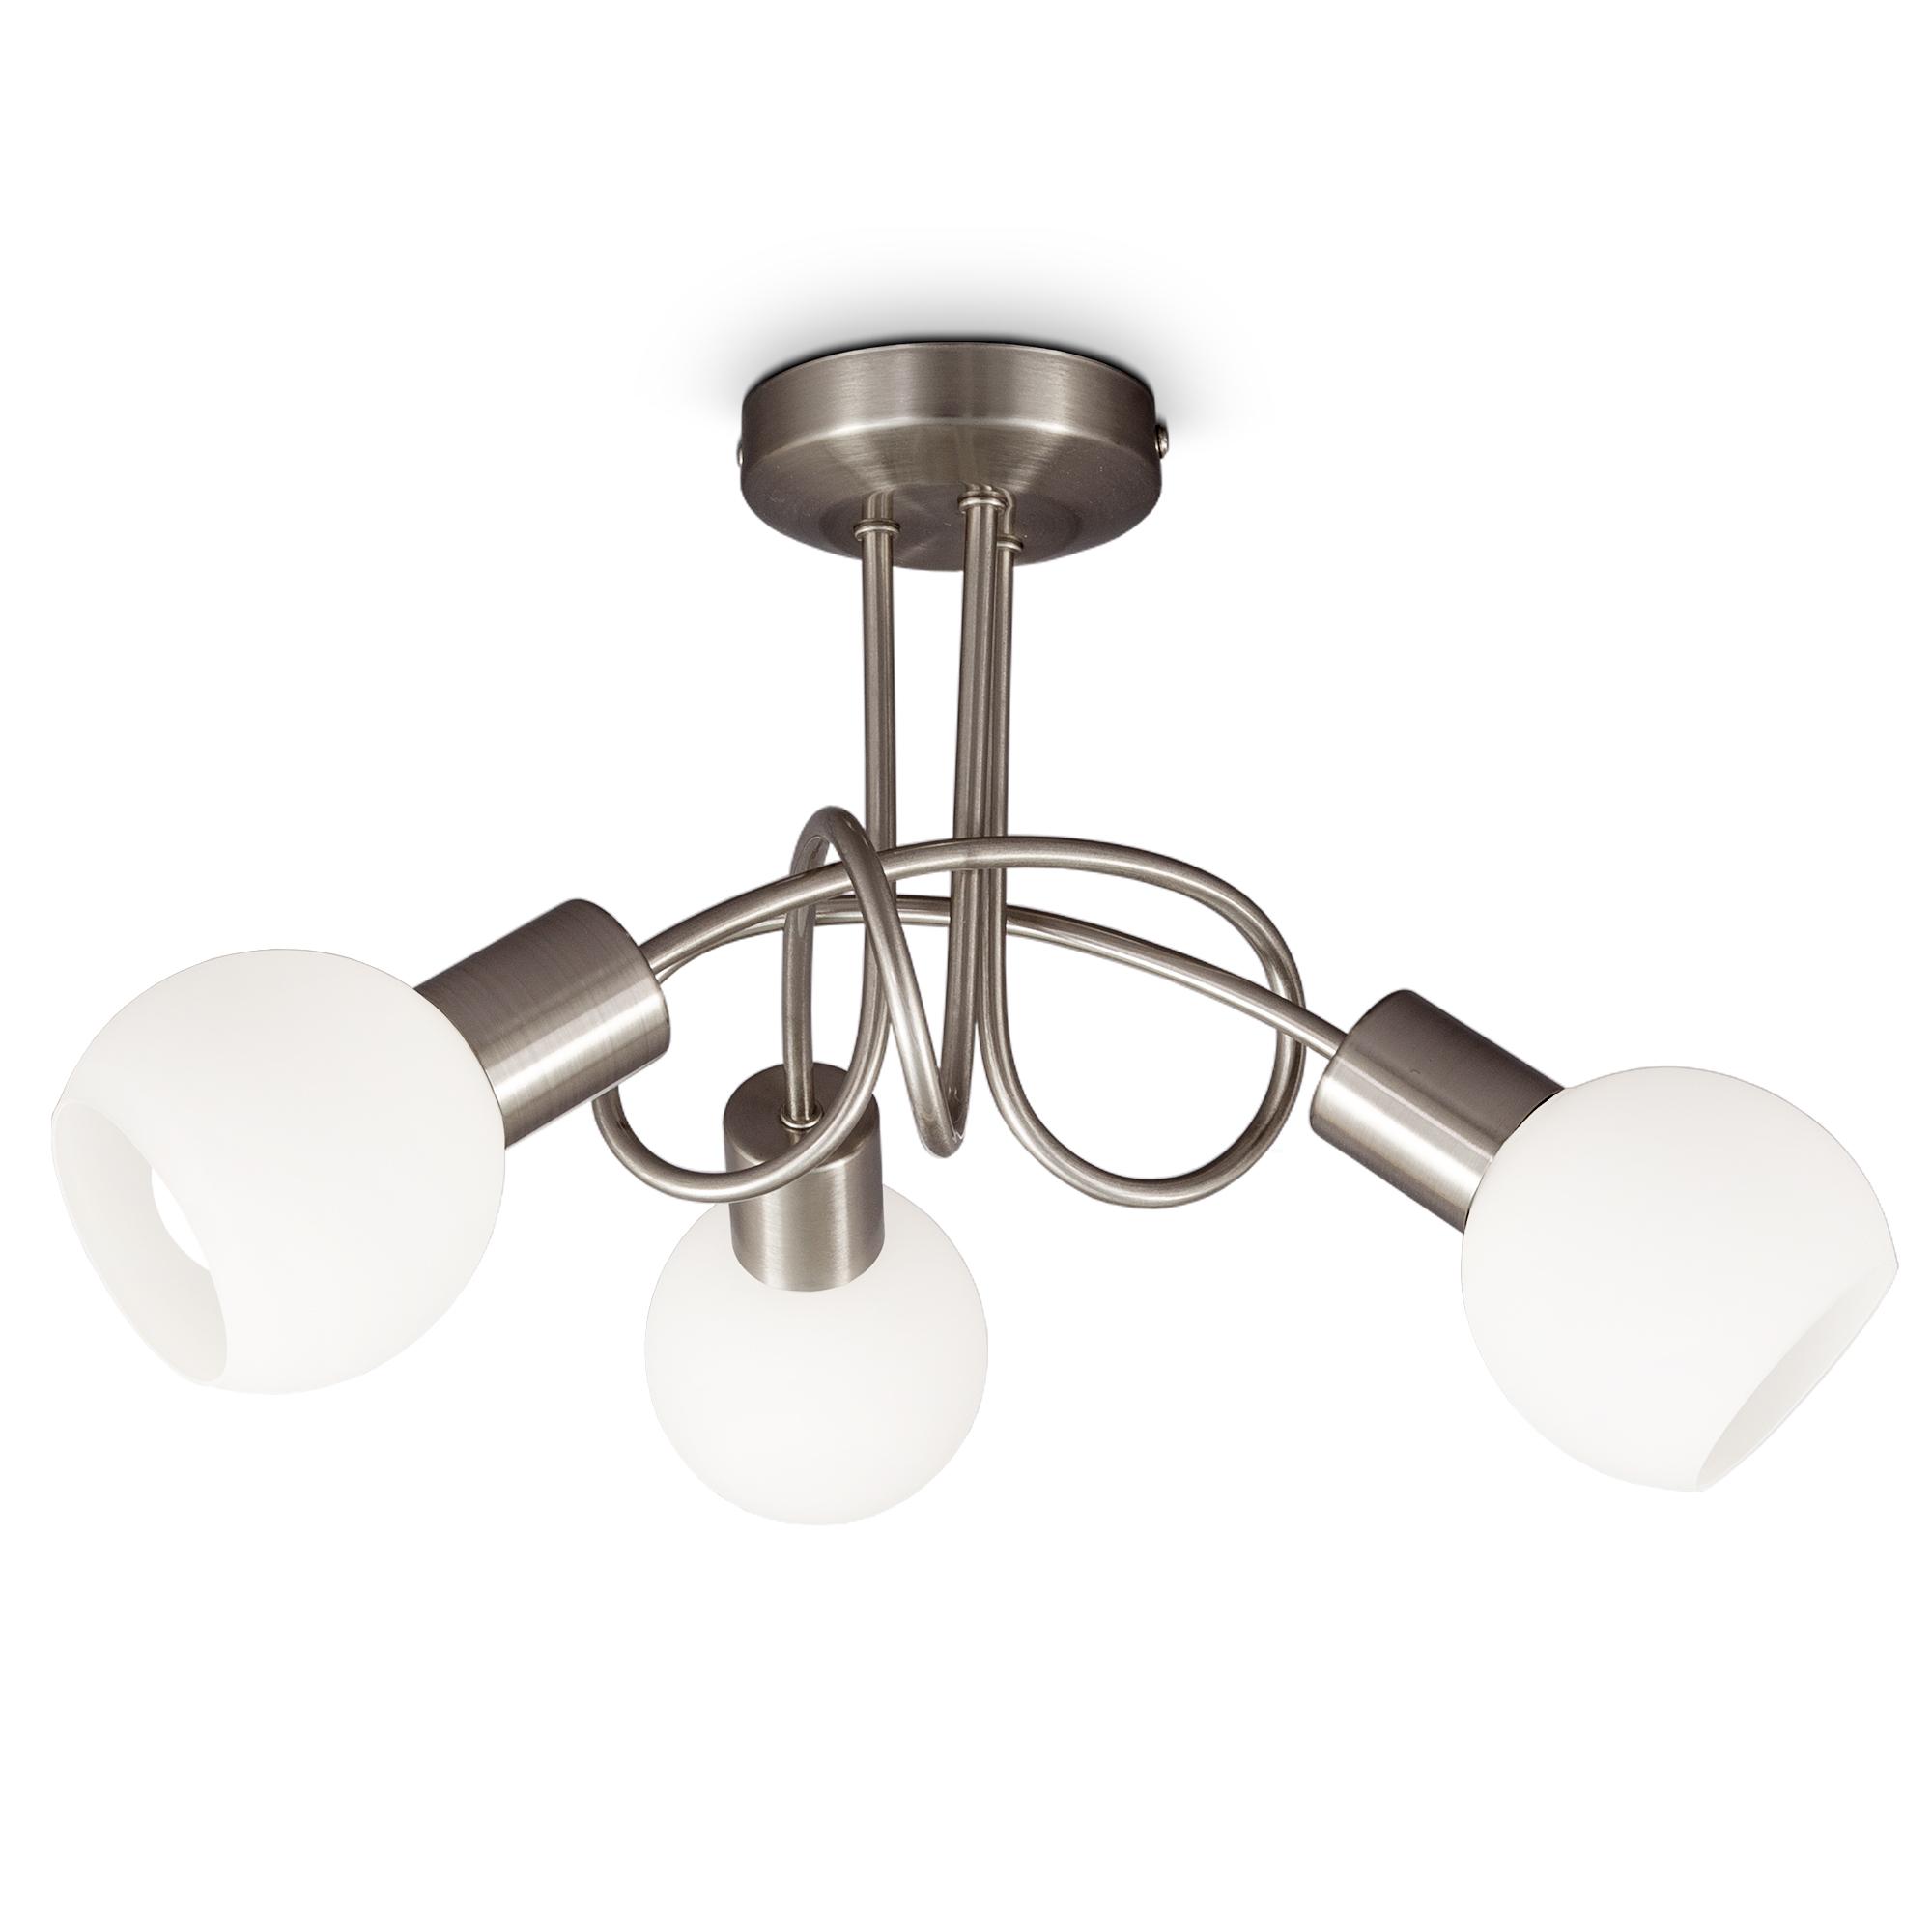 LED Deckenlampe mit Opalglas